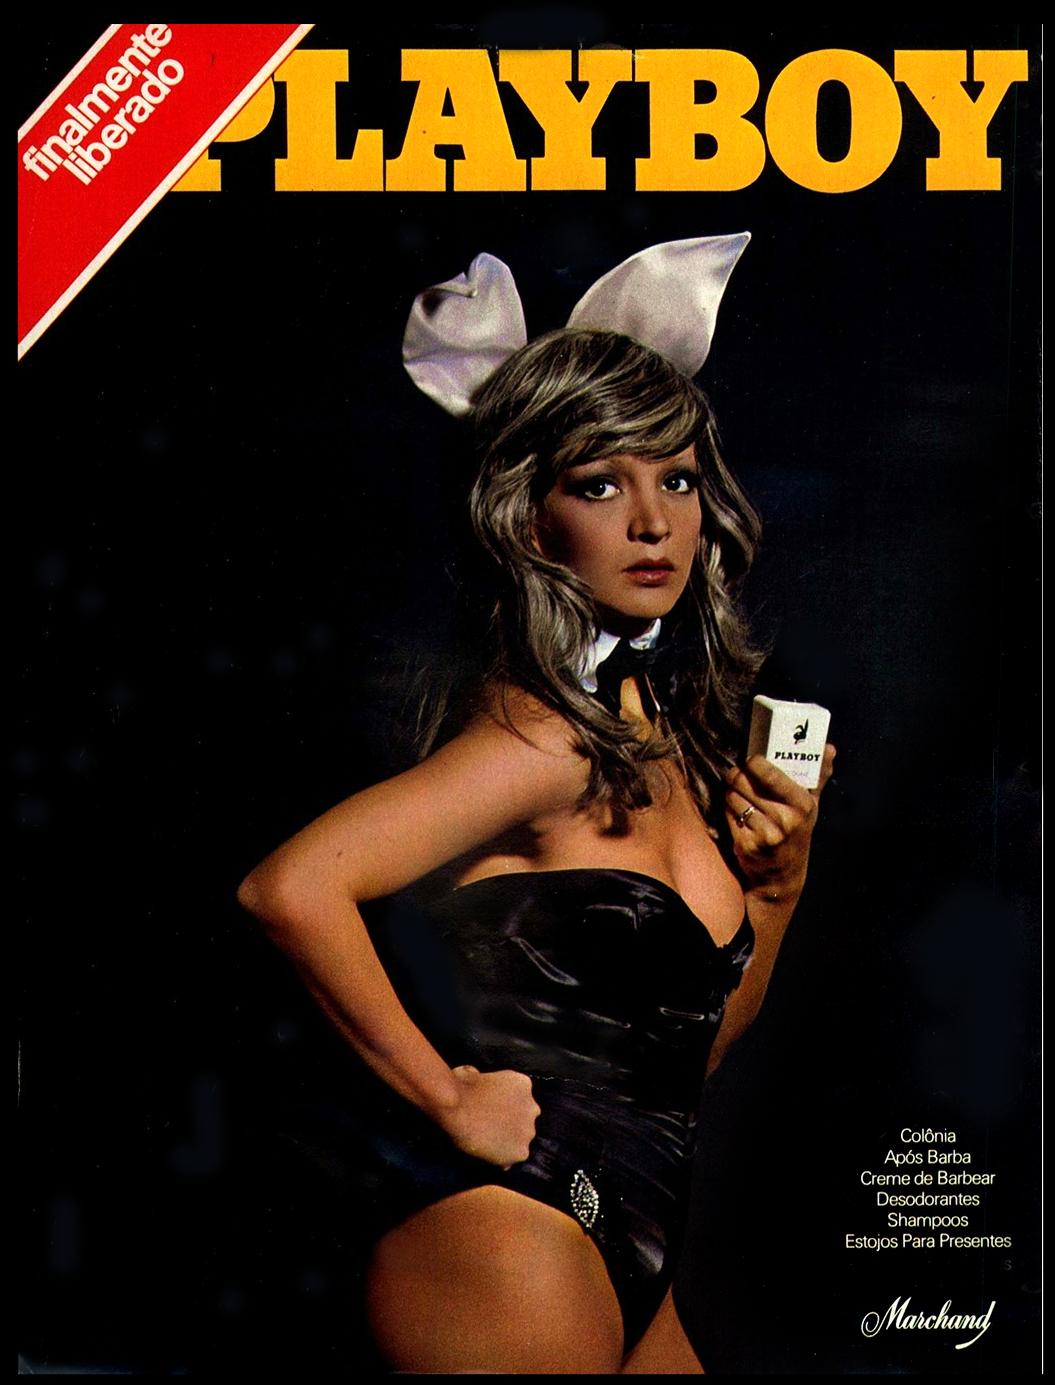 Anúncio da Marchand promovendo a linha de higiene masculina da Playboy, em 1974